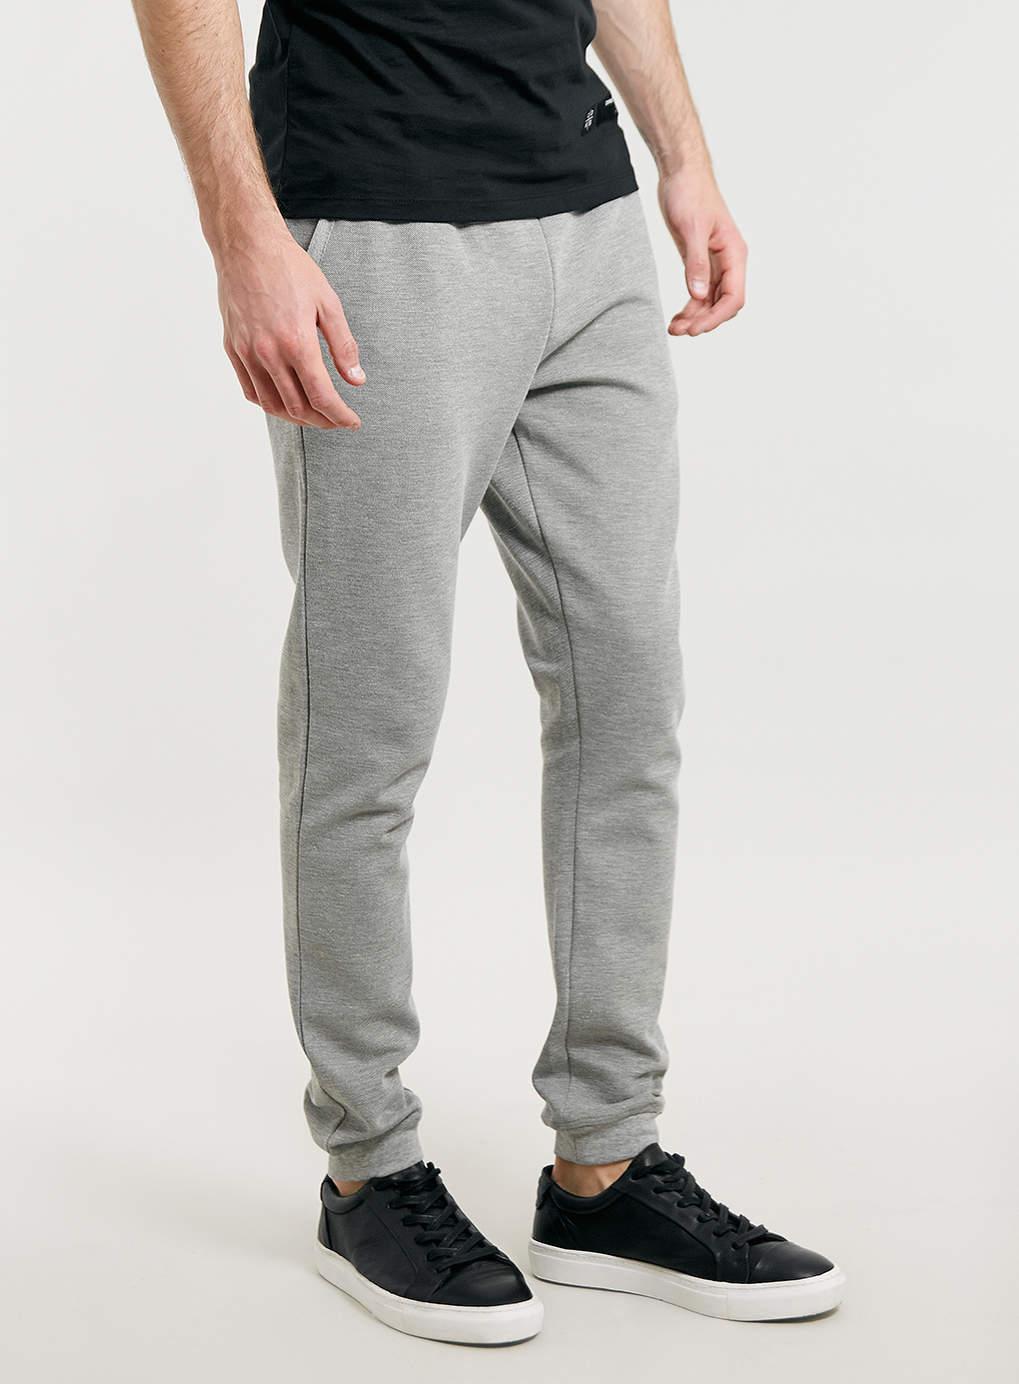 932e1f5a038 gris medio flaco con textura de encargo jogger pantalones de chándal para  los hombres